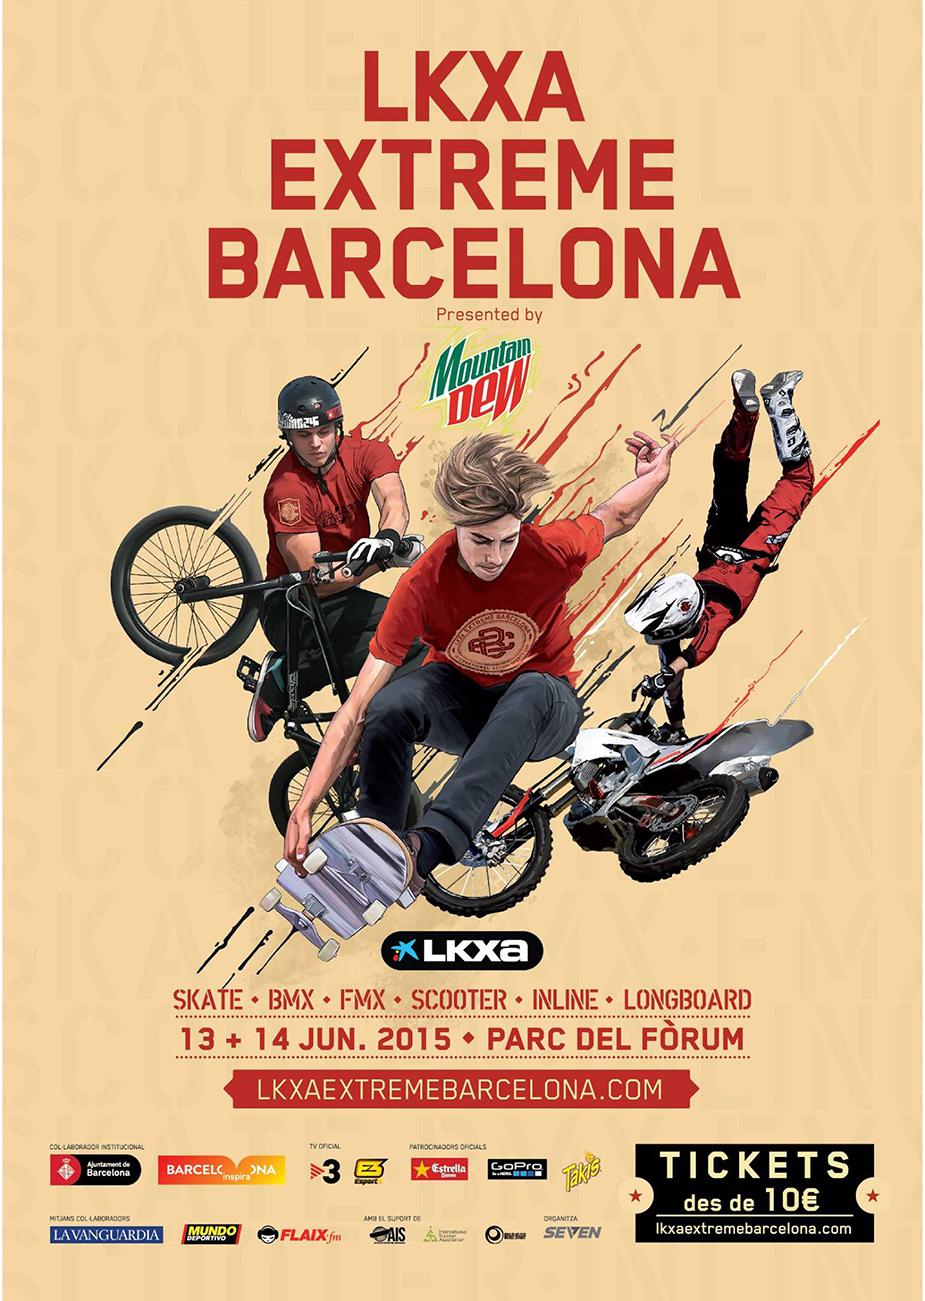 LKXA Extreme Barcelona